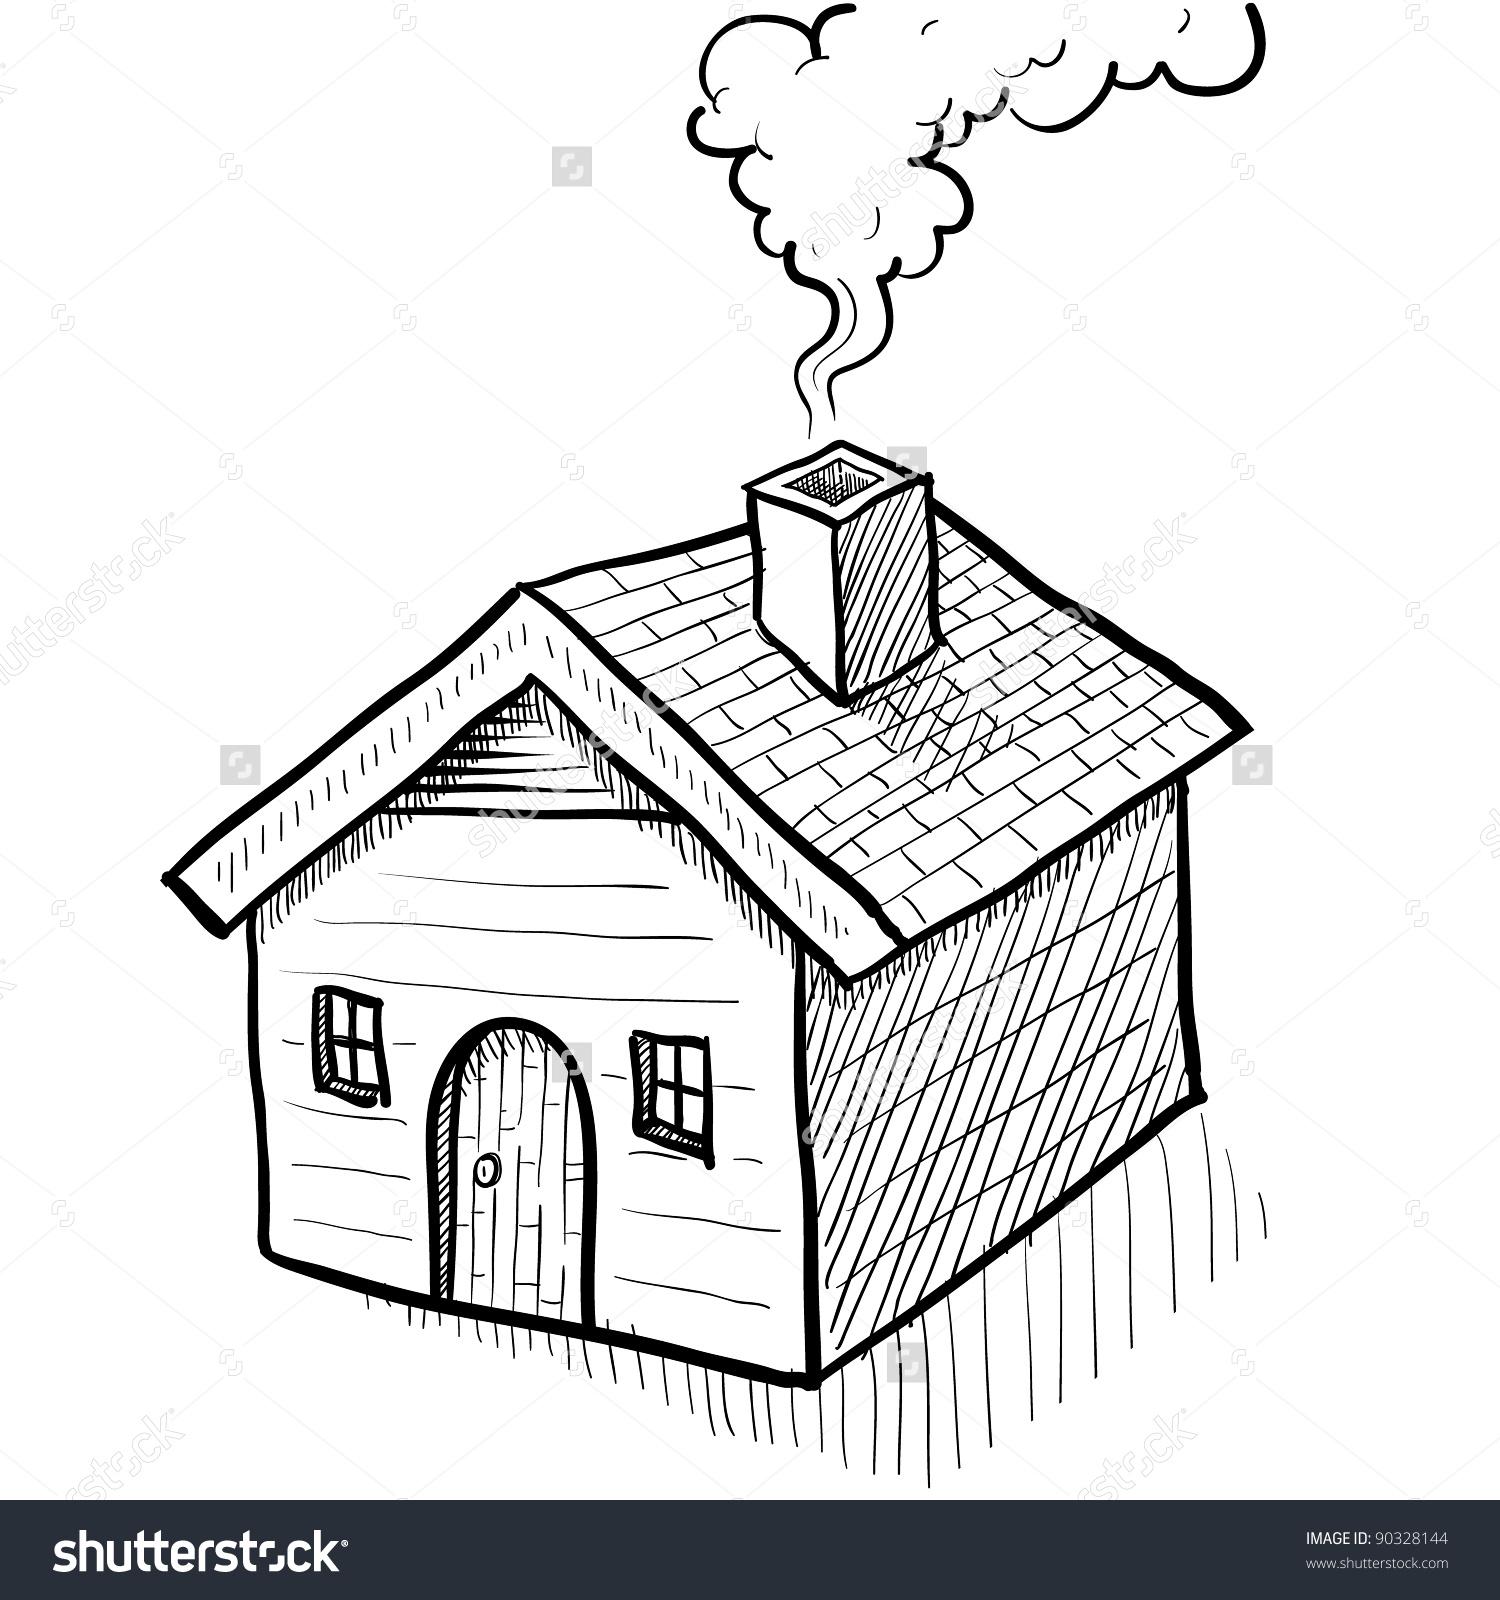 Clipart chimney smoke.